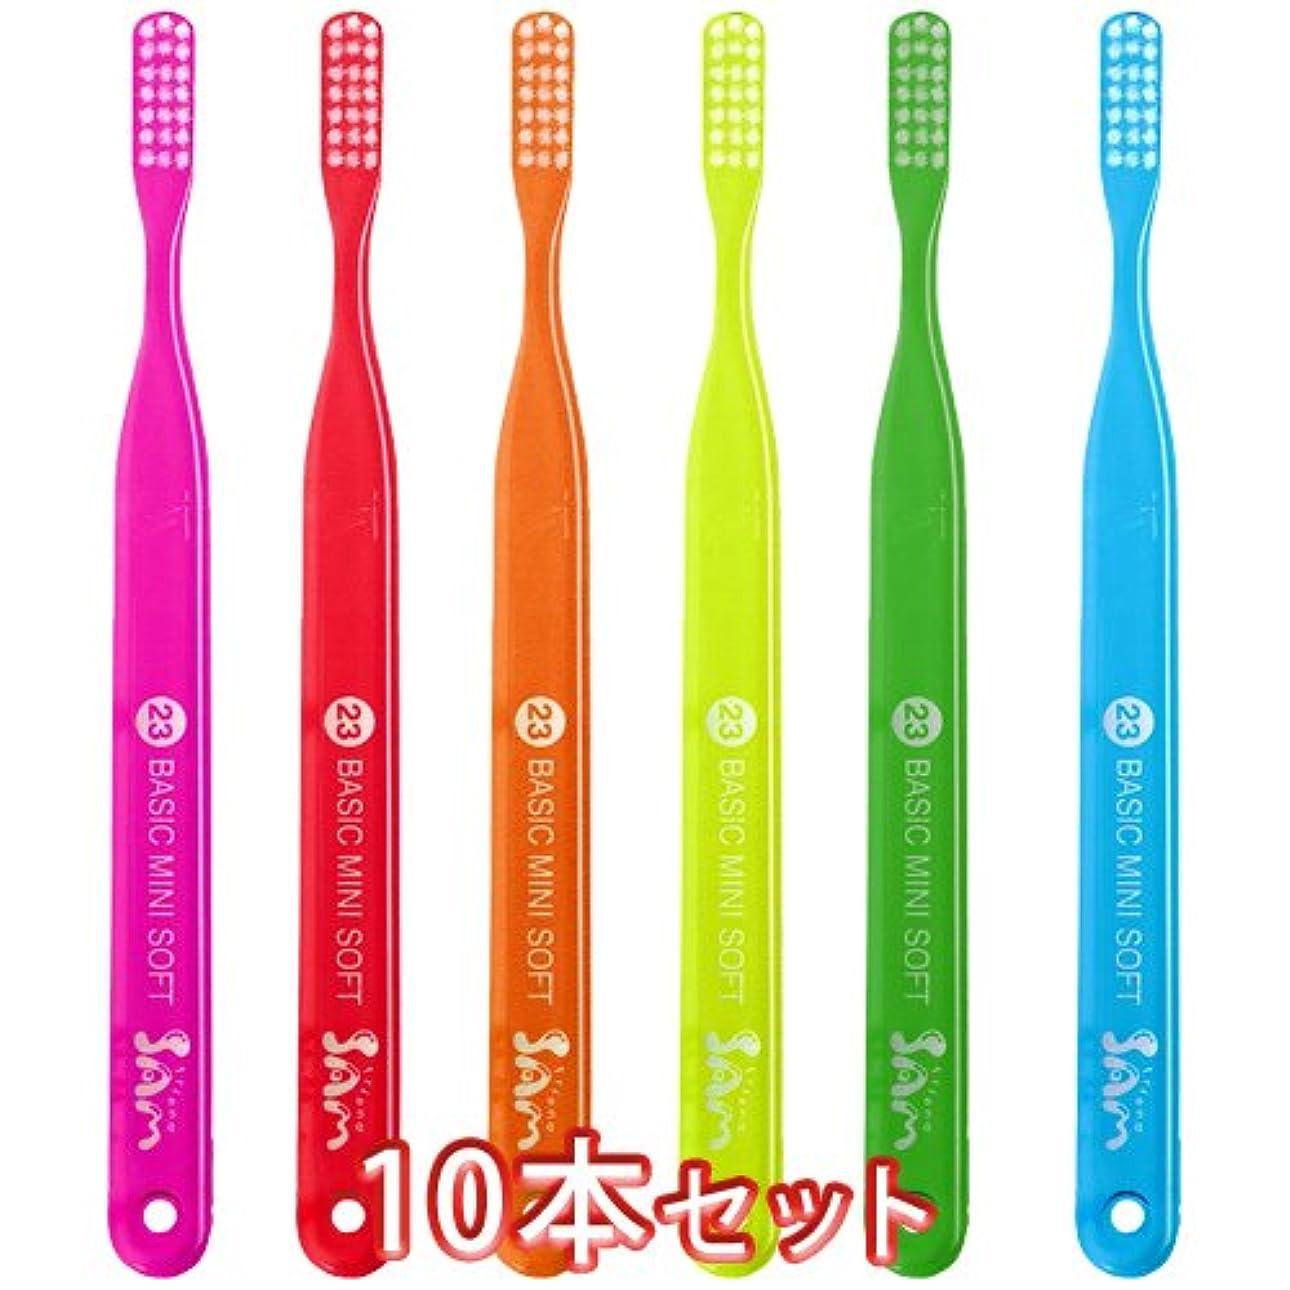 真面目な起点表示サムフレンド ベーシック 歯ブラシ 10本 (#23)